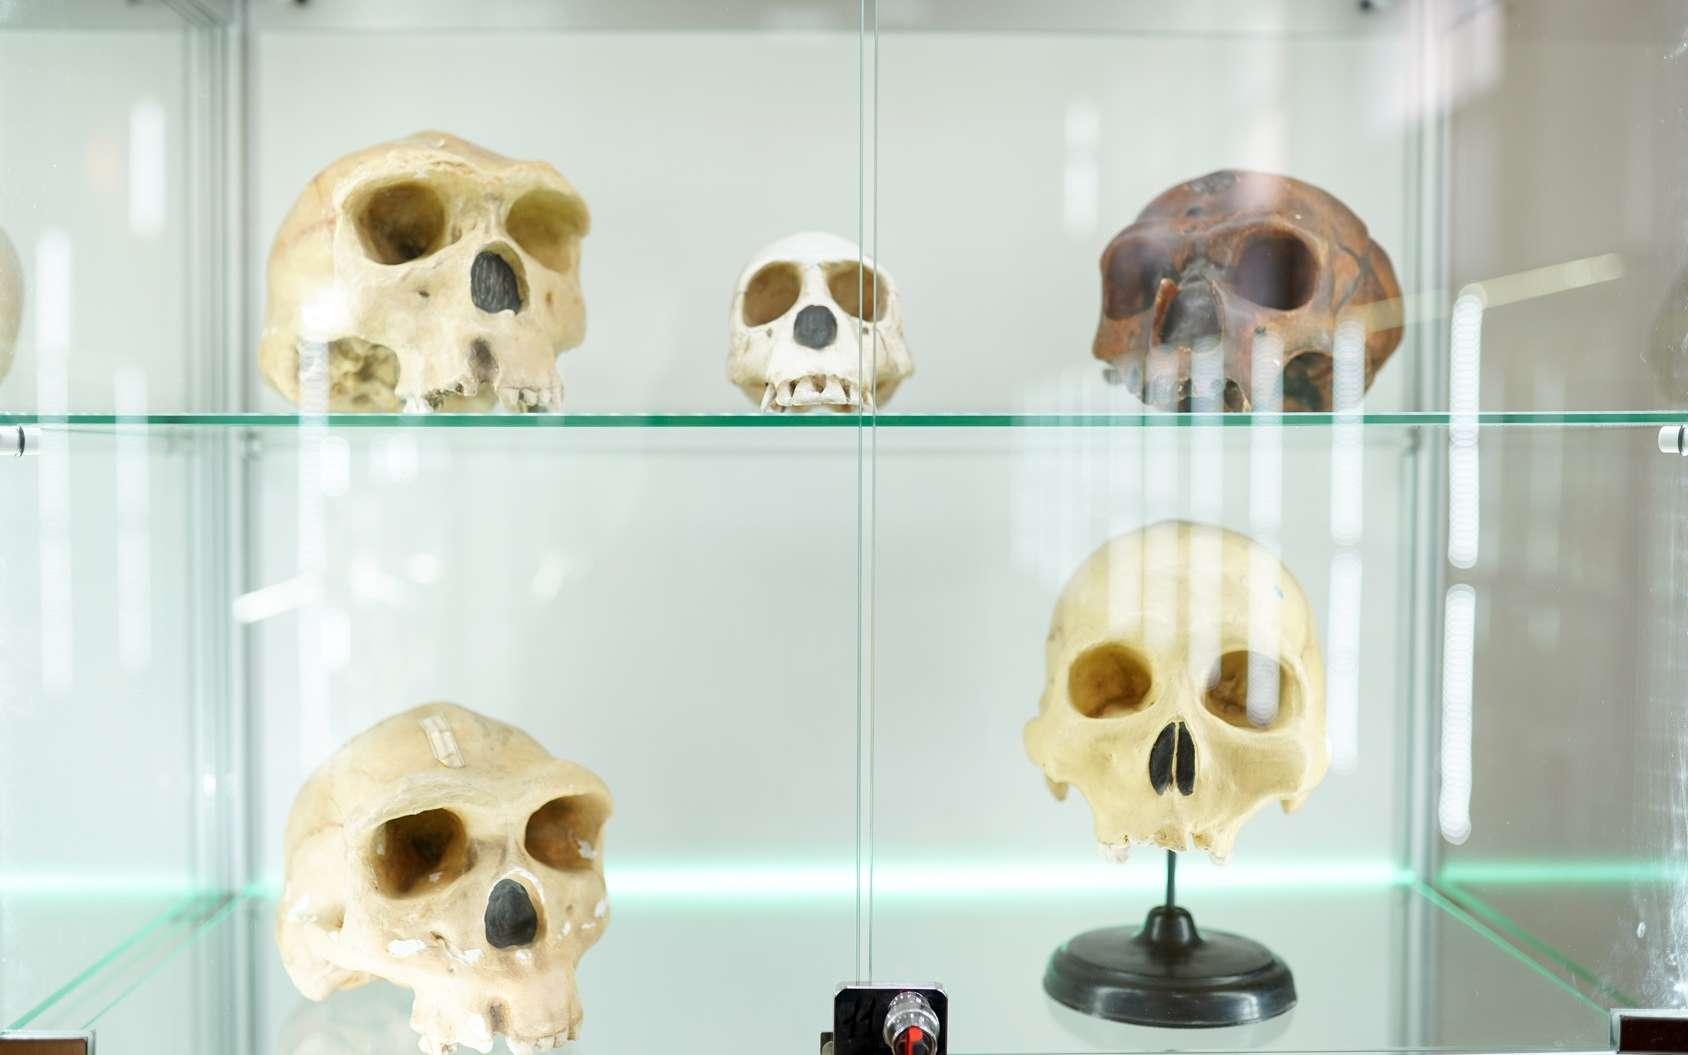 L'analyse de dents fossiles de Néandertal et d'Homo sapiens suggère qu'ils ont divergé il y a au moins 800.000 ans. © Nastya, Fotolia